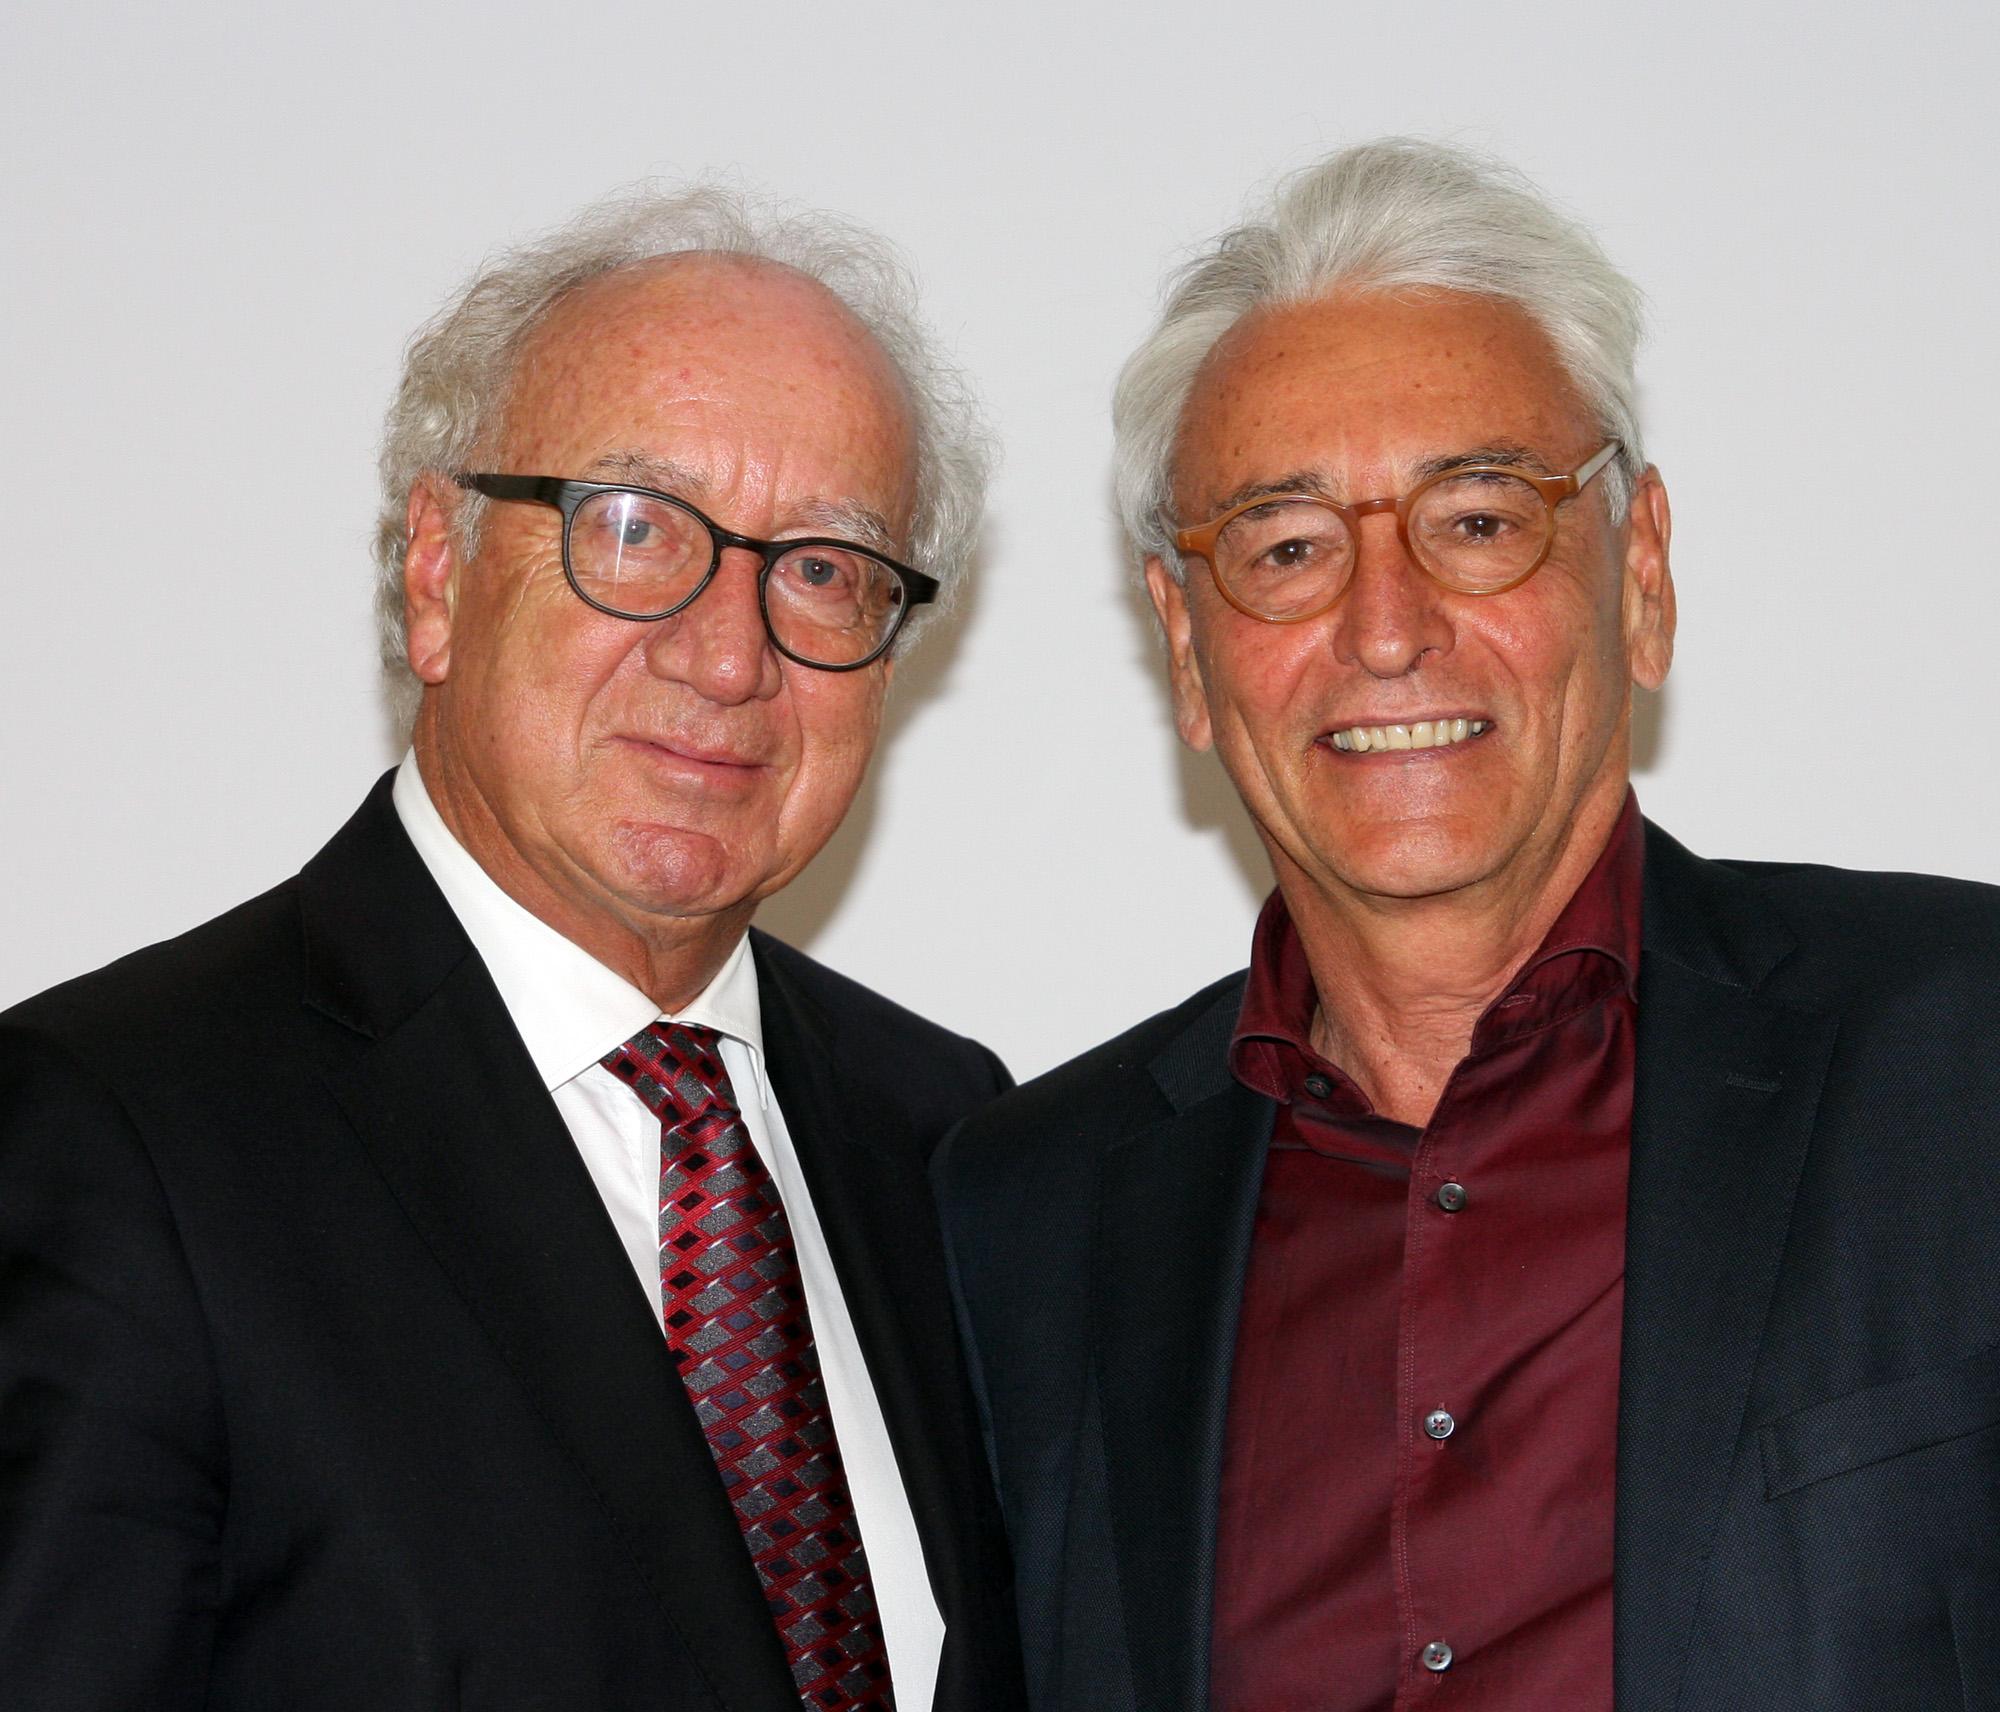 Ehrenpräsident Norbert Löhlein (links) und der neue Präsident Arno Malte Uhlig. Foto: Horst Huber